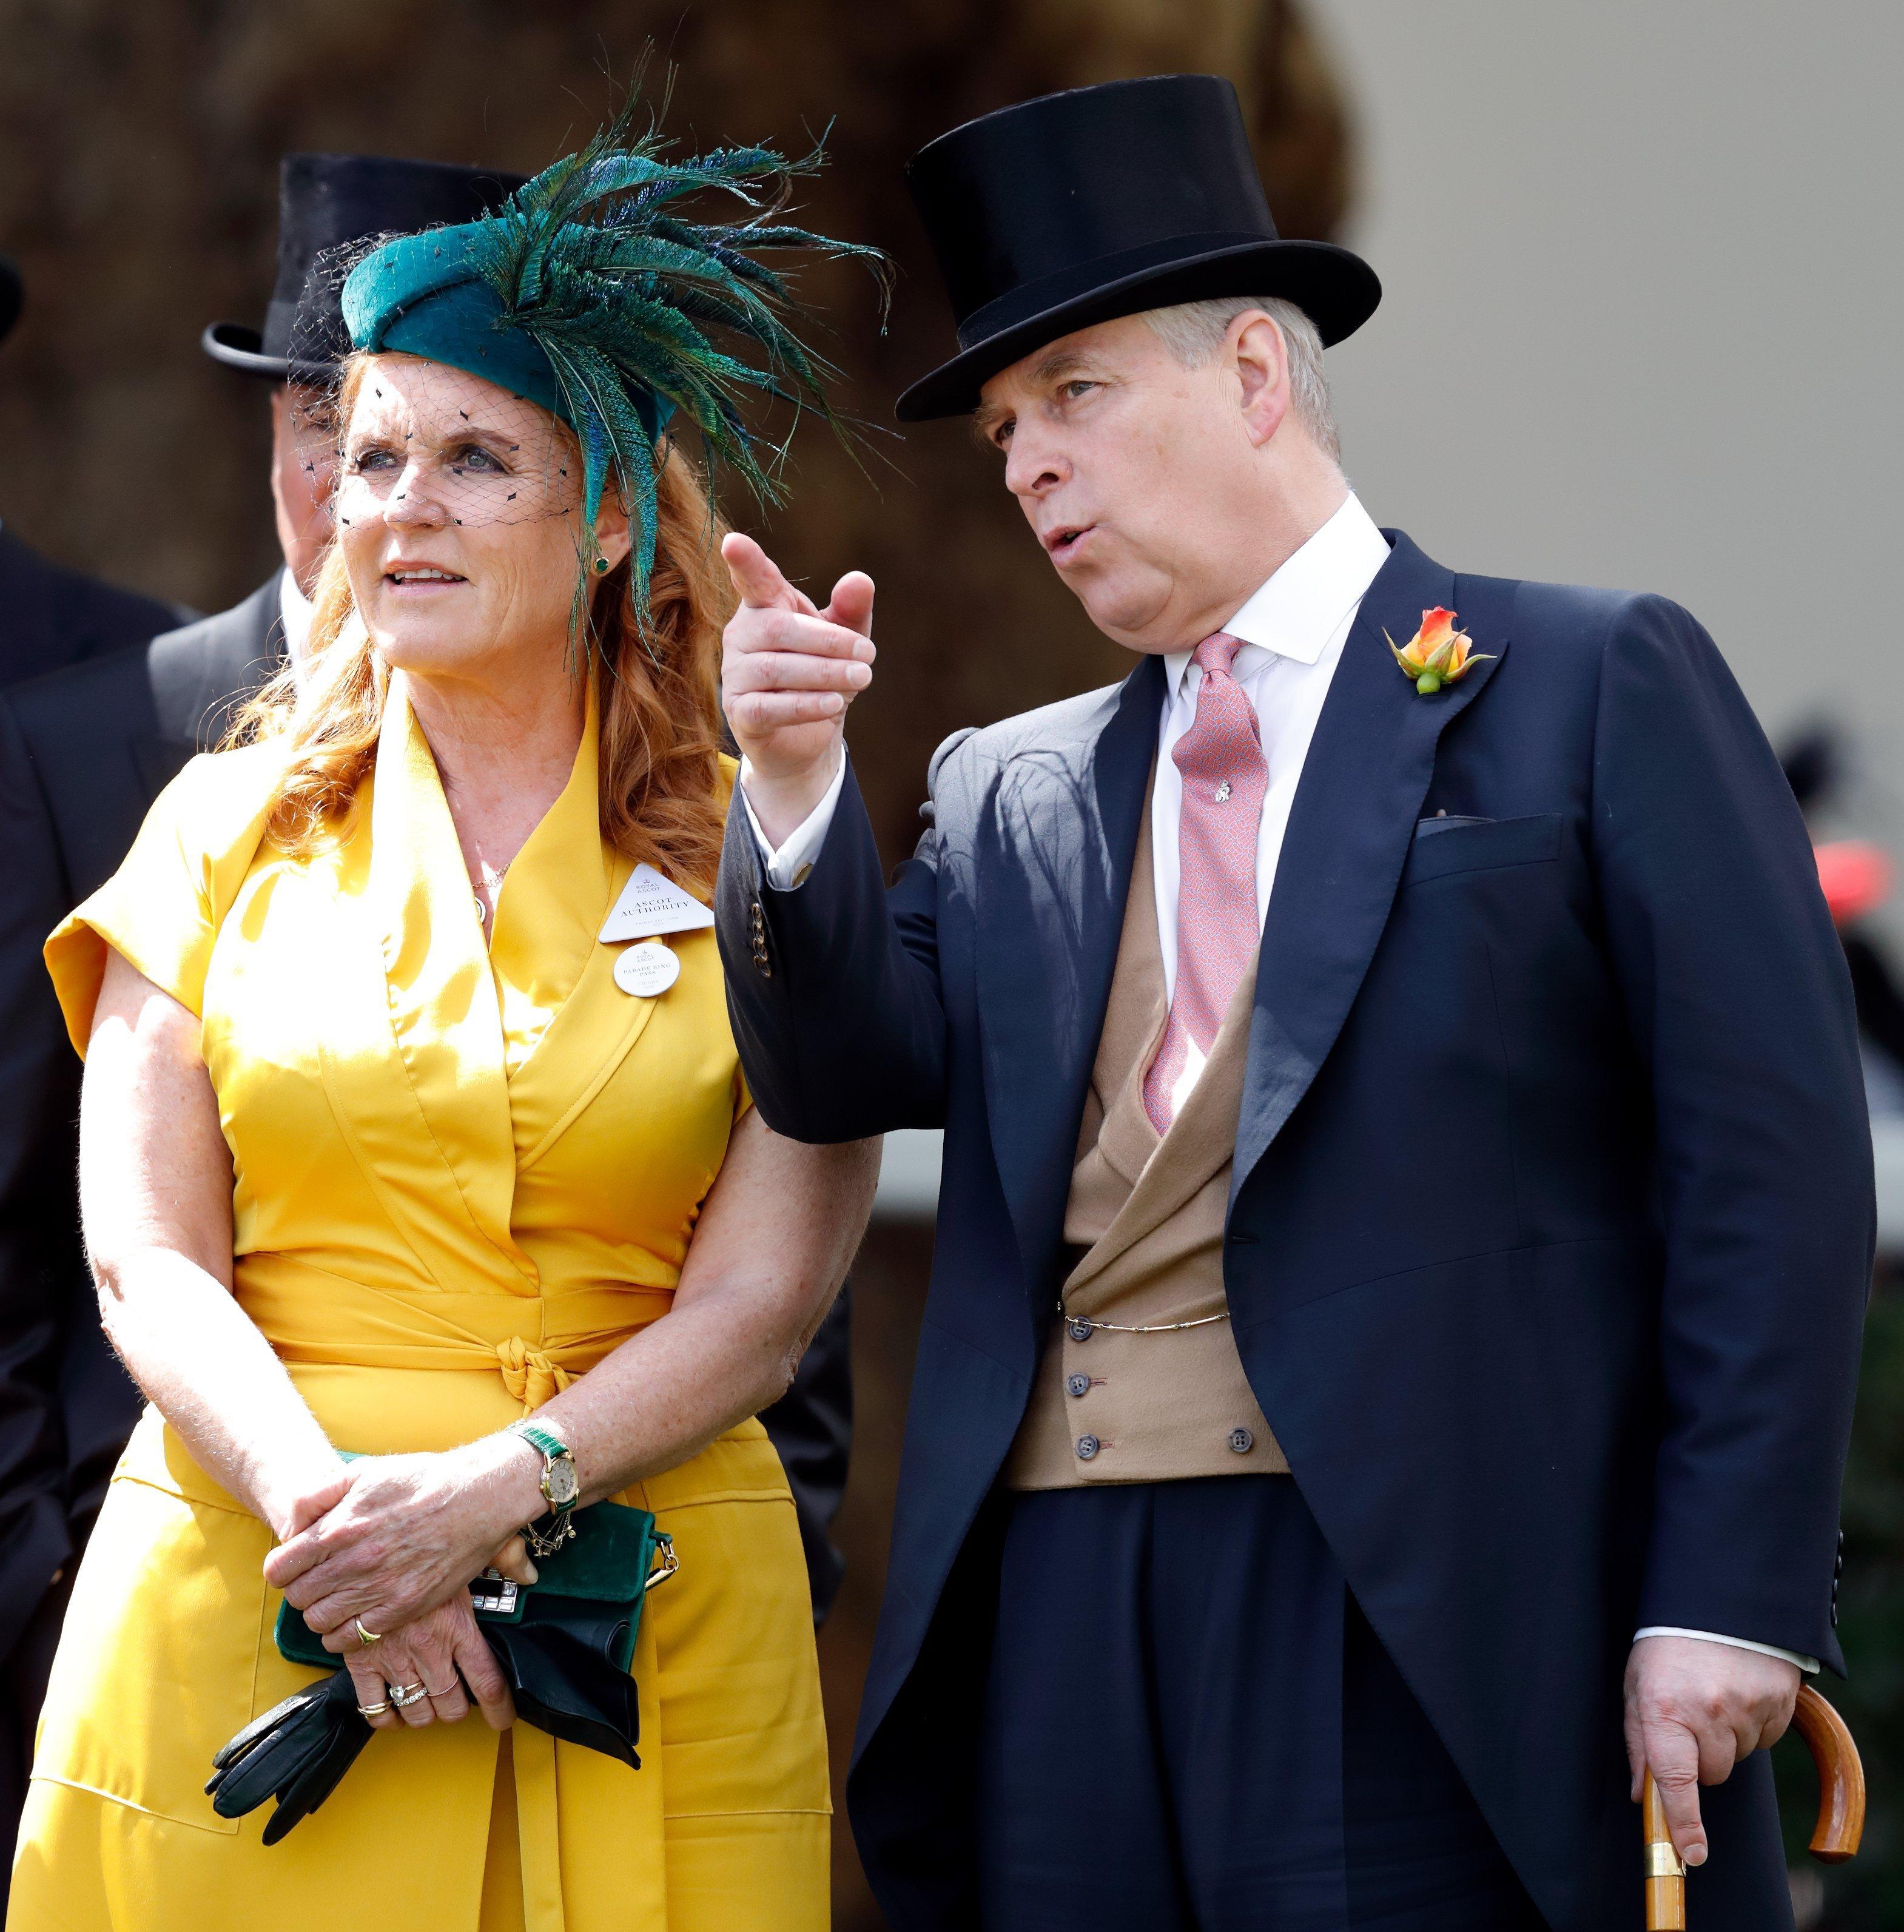 Sarah Ferguson, Duchesse de York et Prince Andrew, Duc de York, assistent à la quatrième journée de Royal Ascot à l'hippodrome d'Ascot le 21 juin 2019. | Photo : GettyImages